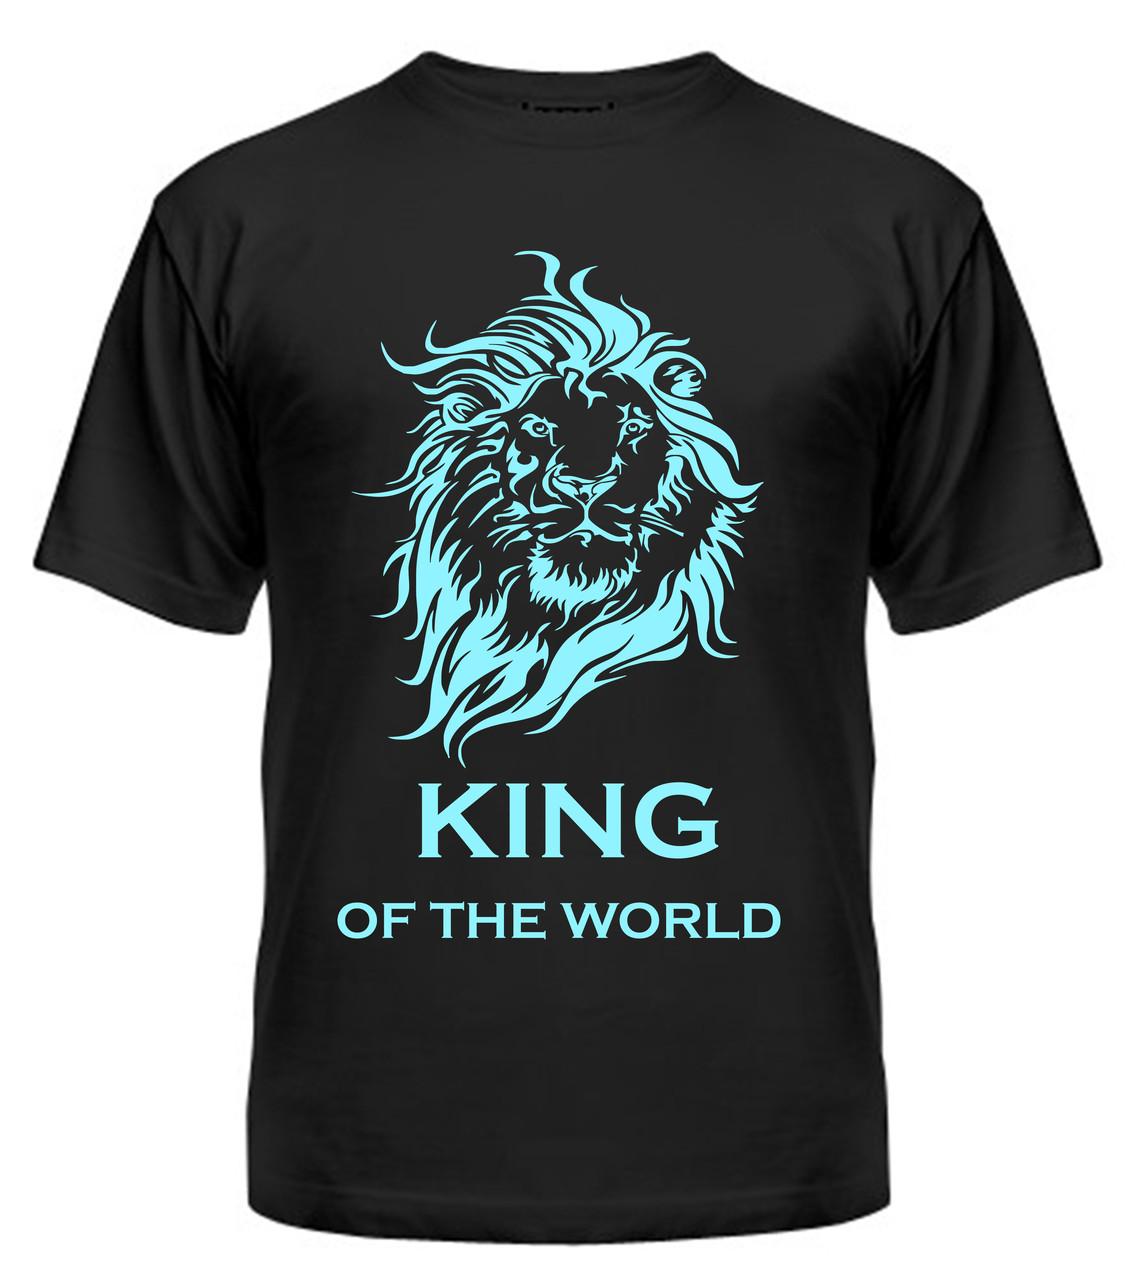 Мужская футболка с принтом Кing голубой